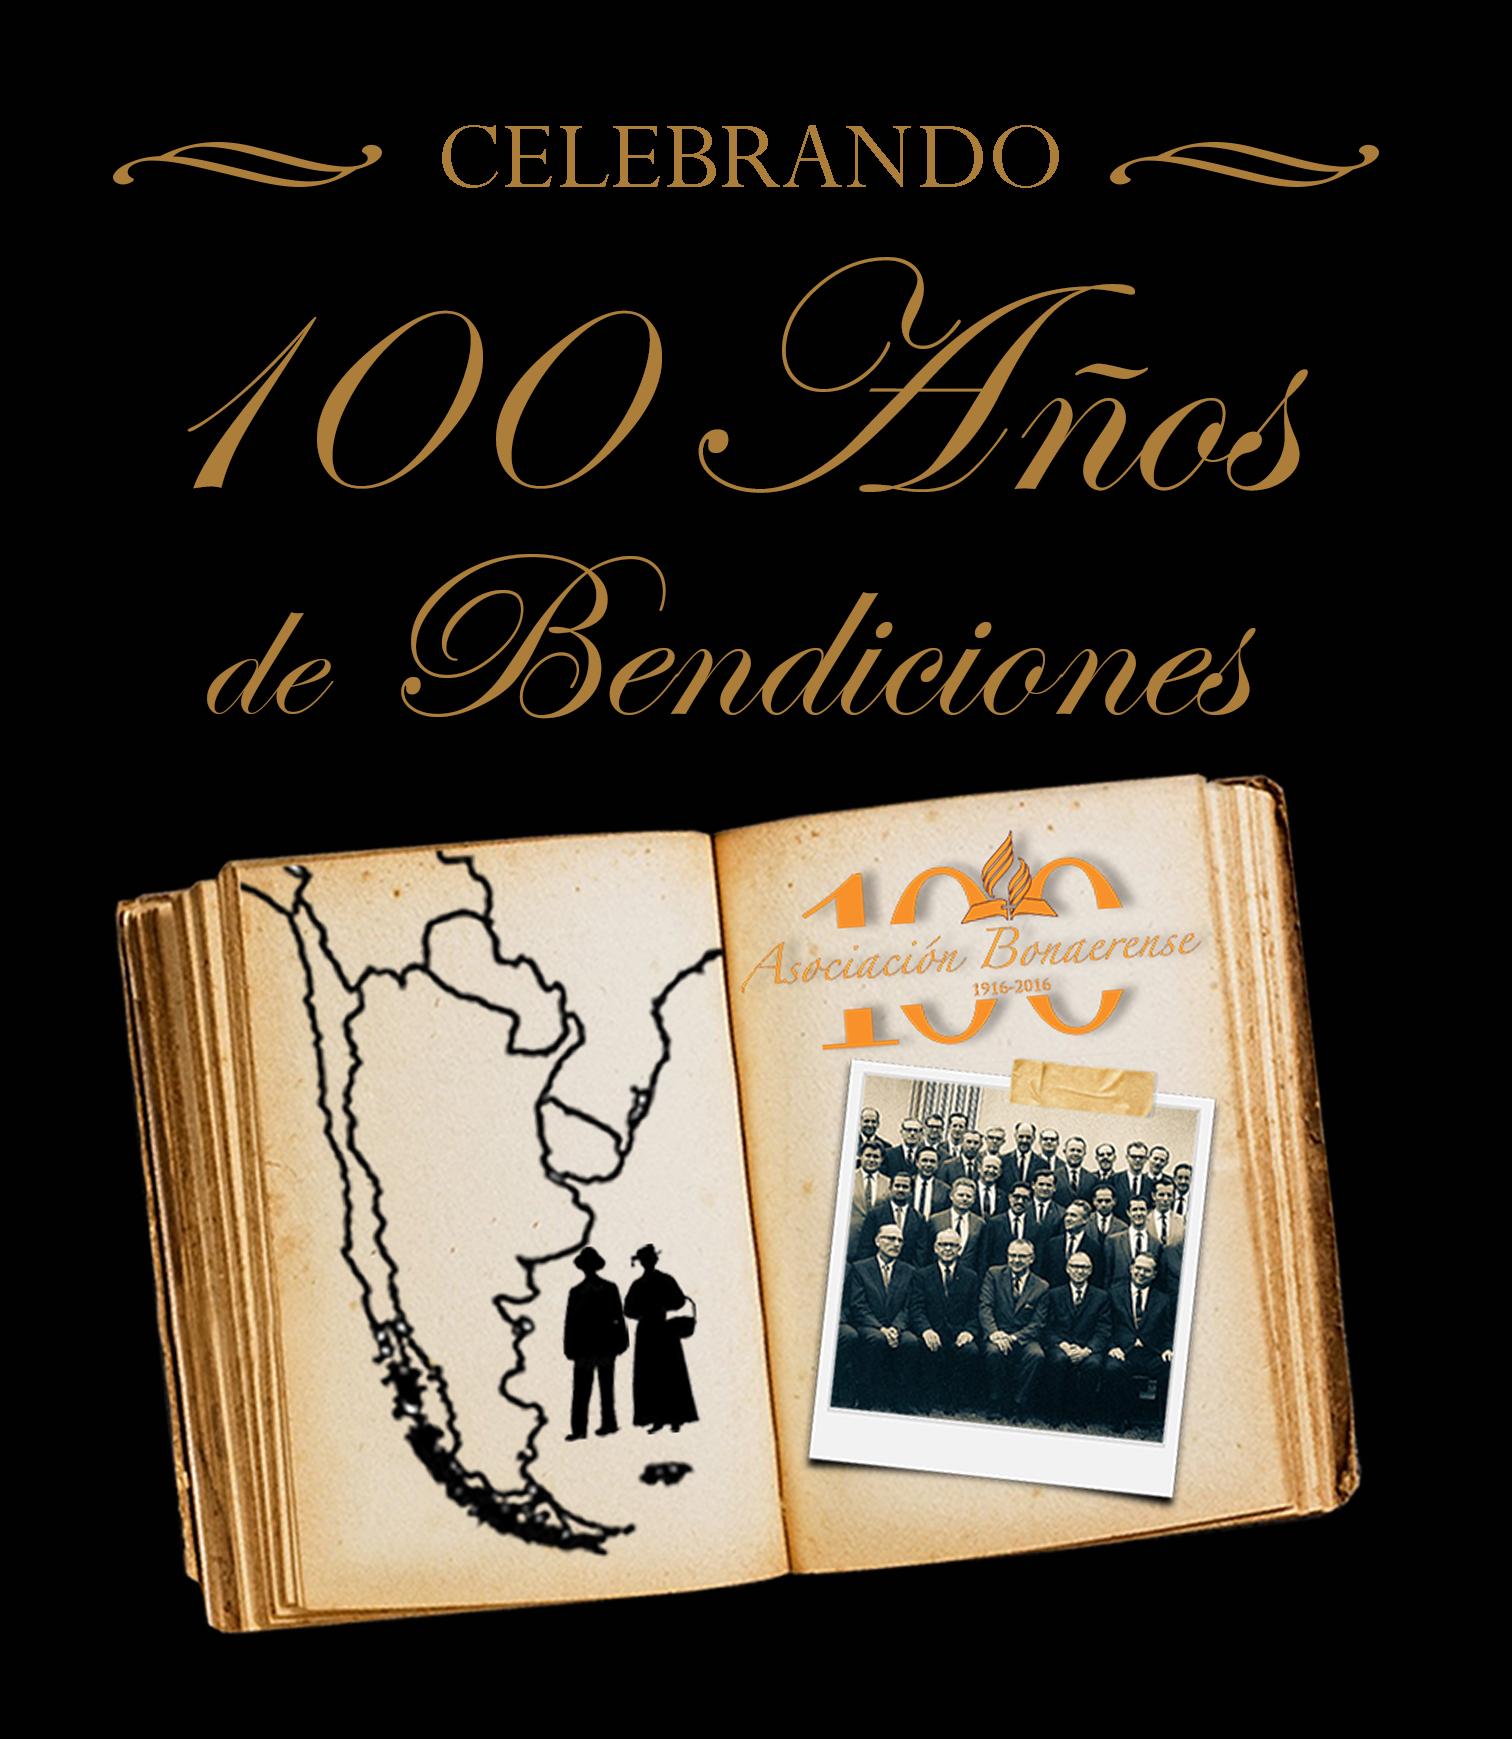 100 años de Bendiciones